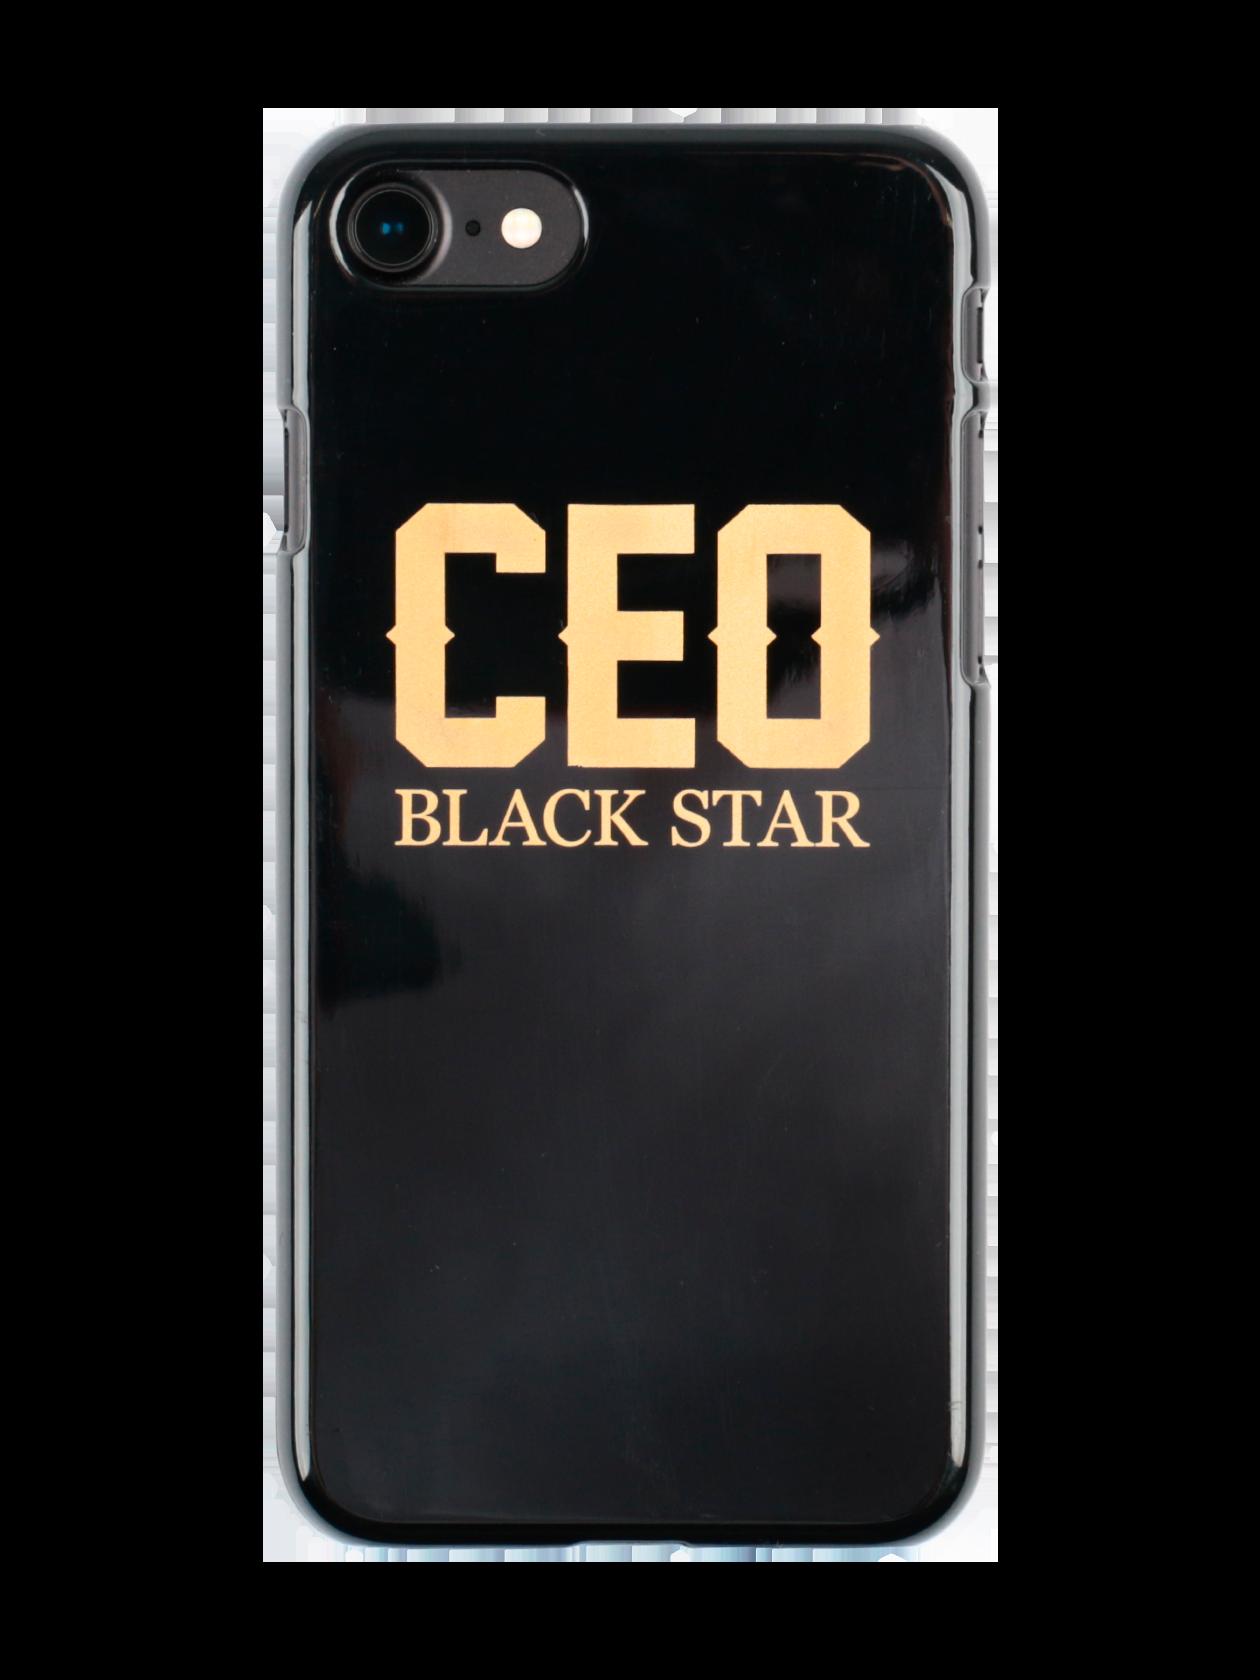 Чехол для телефона ROYALTY CEOЧехол для телефона Ceo Royalty – прочный аксессуар, изготовленный из пластика. Легкая модель не изменяет размеры мобильного устройства, надежно удерживая его с внутренней стороны. Отверстия полностью соответствуют разъемам и функциям управления, поэтому при использовании не нужно снимать каждый раз чехол. Изделие выполнено в черном цвете, декорировано стильной контрастной надписью «Ceo Black Star». Идеальное решение для предотвращения преждевременного износа девайса.<br><br>Размер: 6+<br>Цвет: Черный<br>Пол: Унисекс